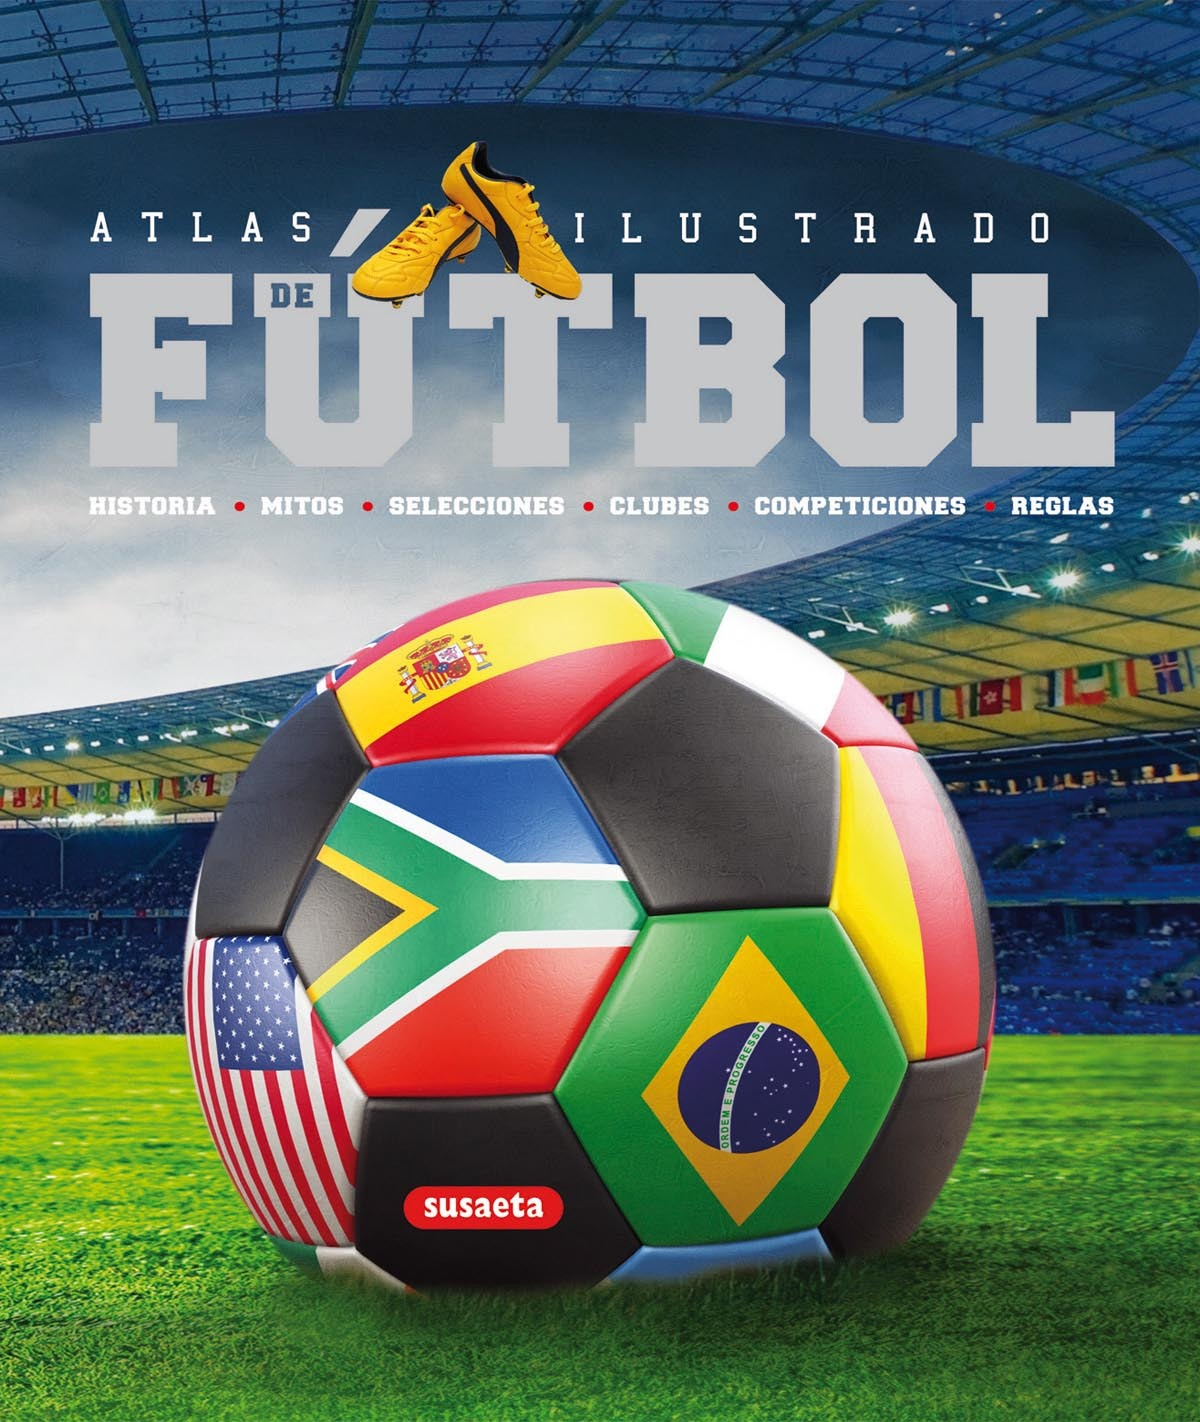 ATLAS ILUSTRADO DE FÚTBOL. HISTORIA, MITOS, SELECCIONES, CLUBES, COMPETICIONES, REGLAS